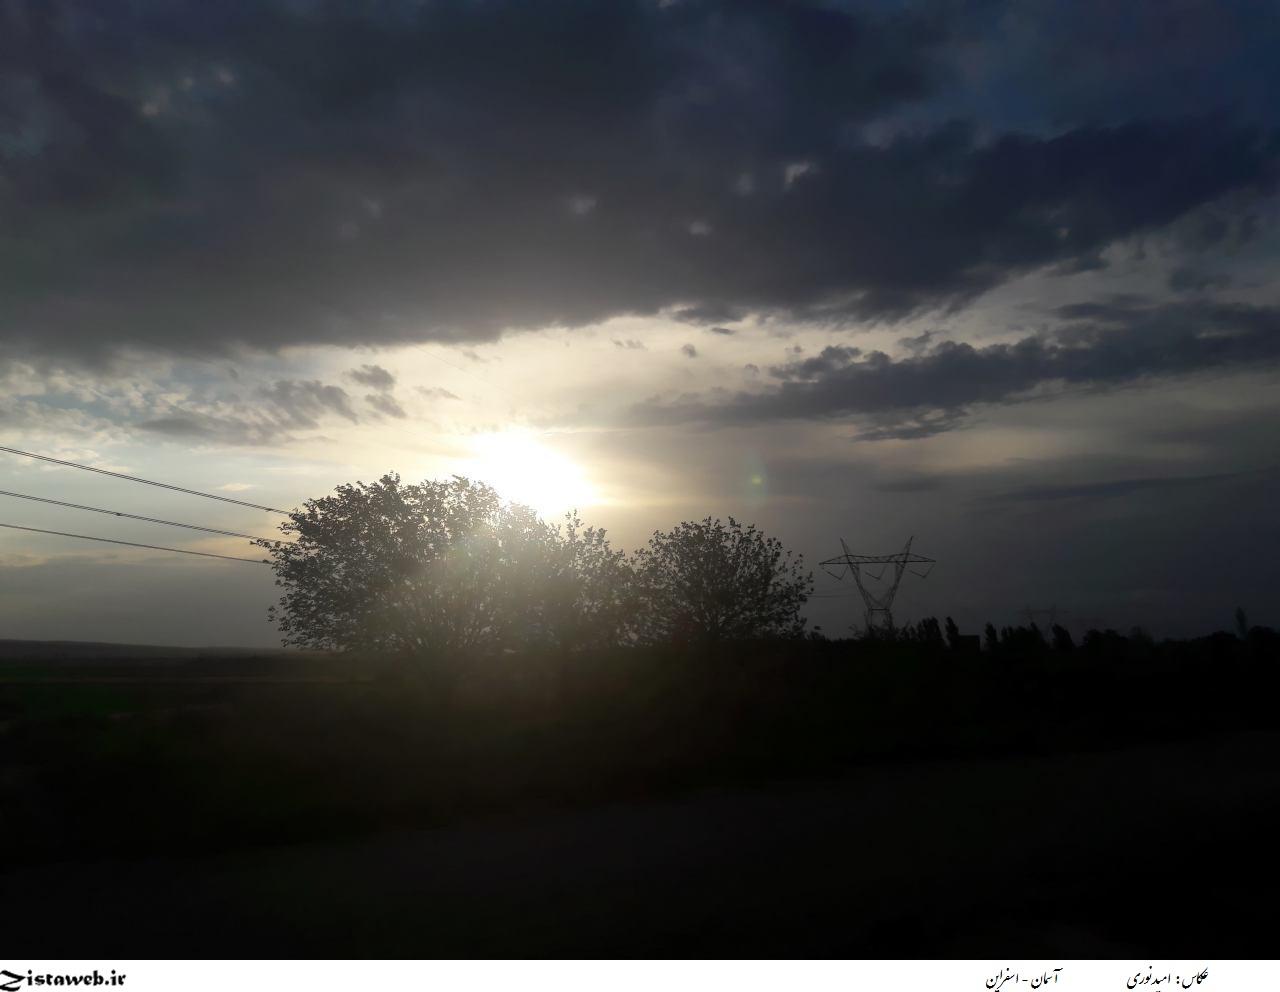 عکسی زیبا از آسمان اسفراین / عکاس : امید نوری